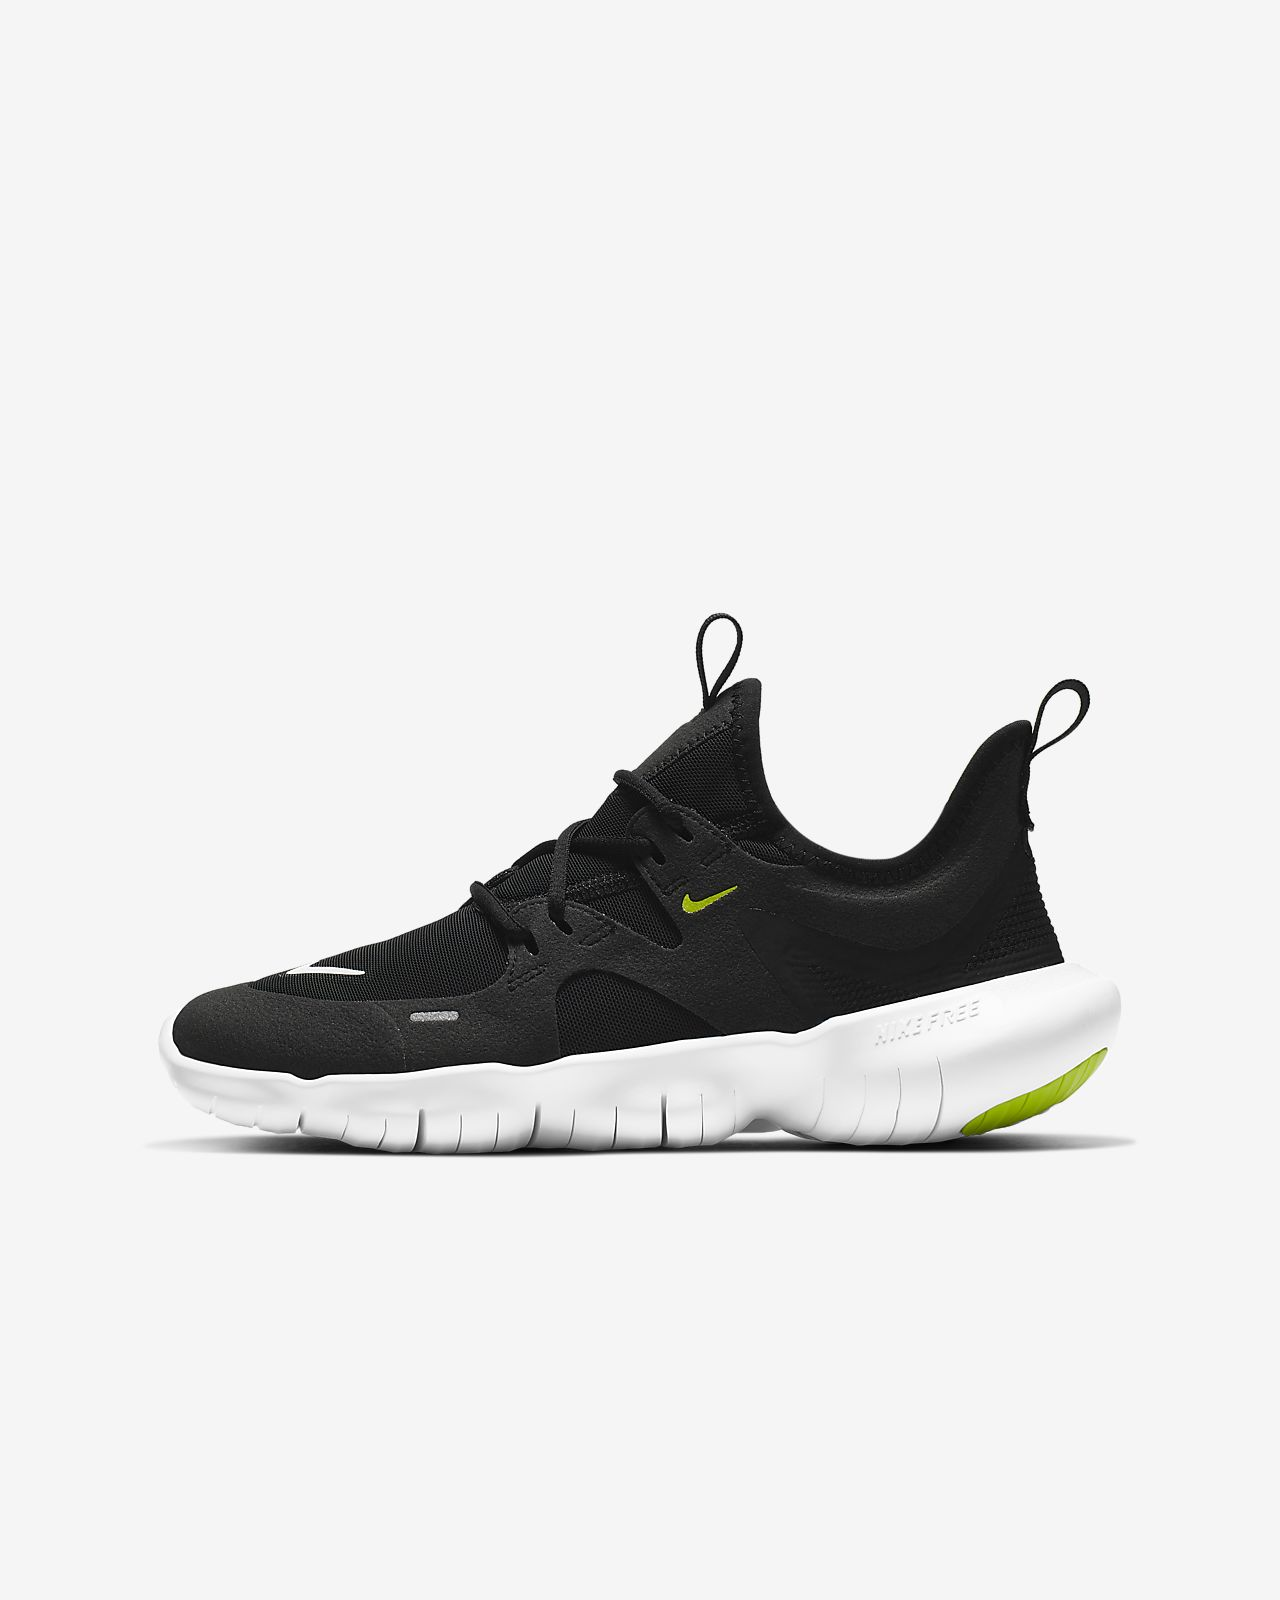 Buty do biegania Nike Free Run 5.0